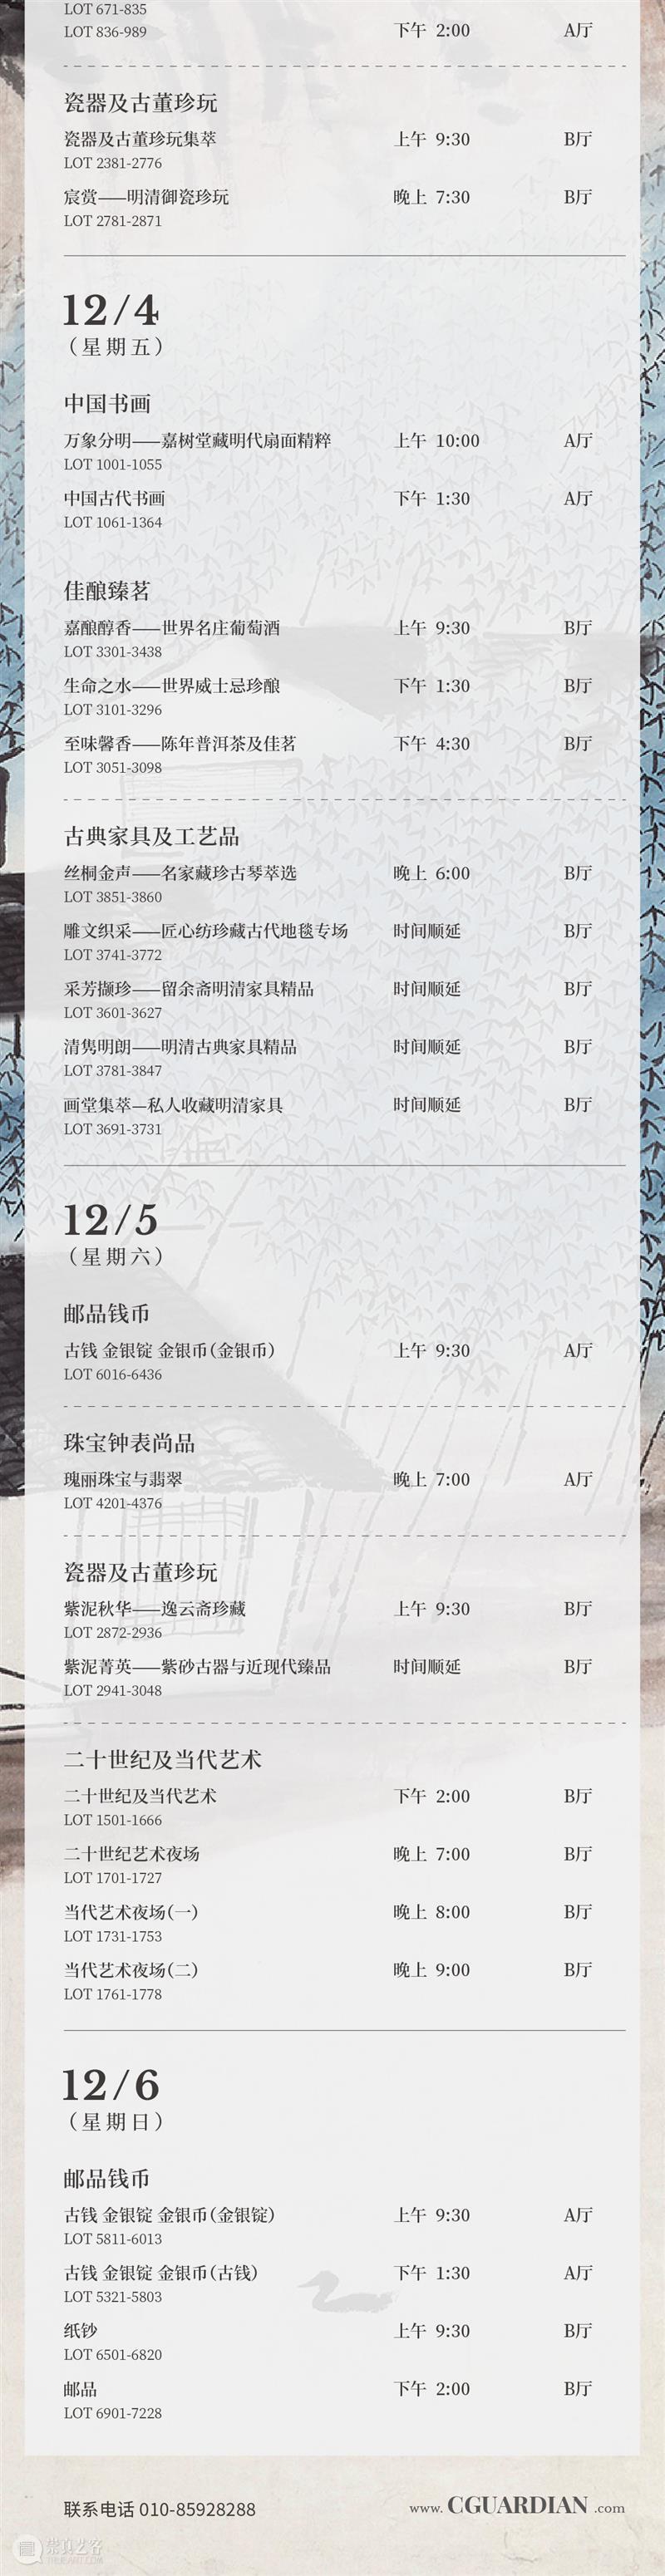 中国嘉德2020秋拍 | 12月3日预告:御瓷夜场举槌 预展继续迎宾 中国 嘉德 夜场 拍卖会 以来 大观夜场 珍品 成交价 亿元 专场 崇真艺客